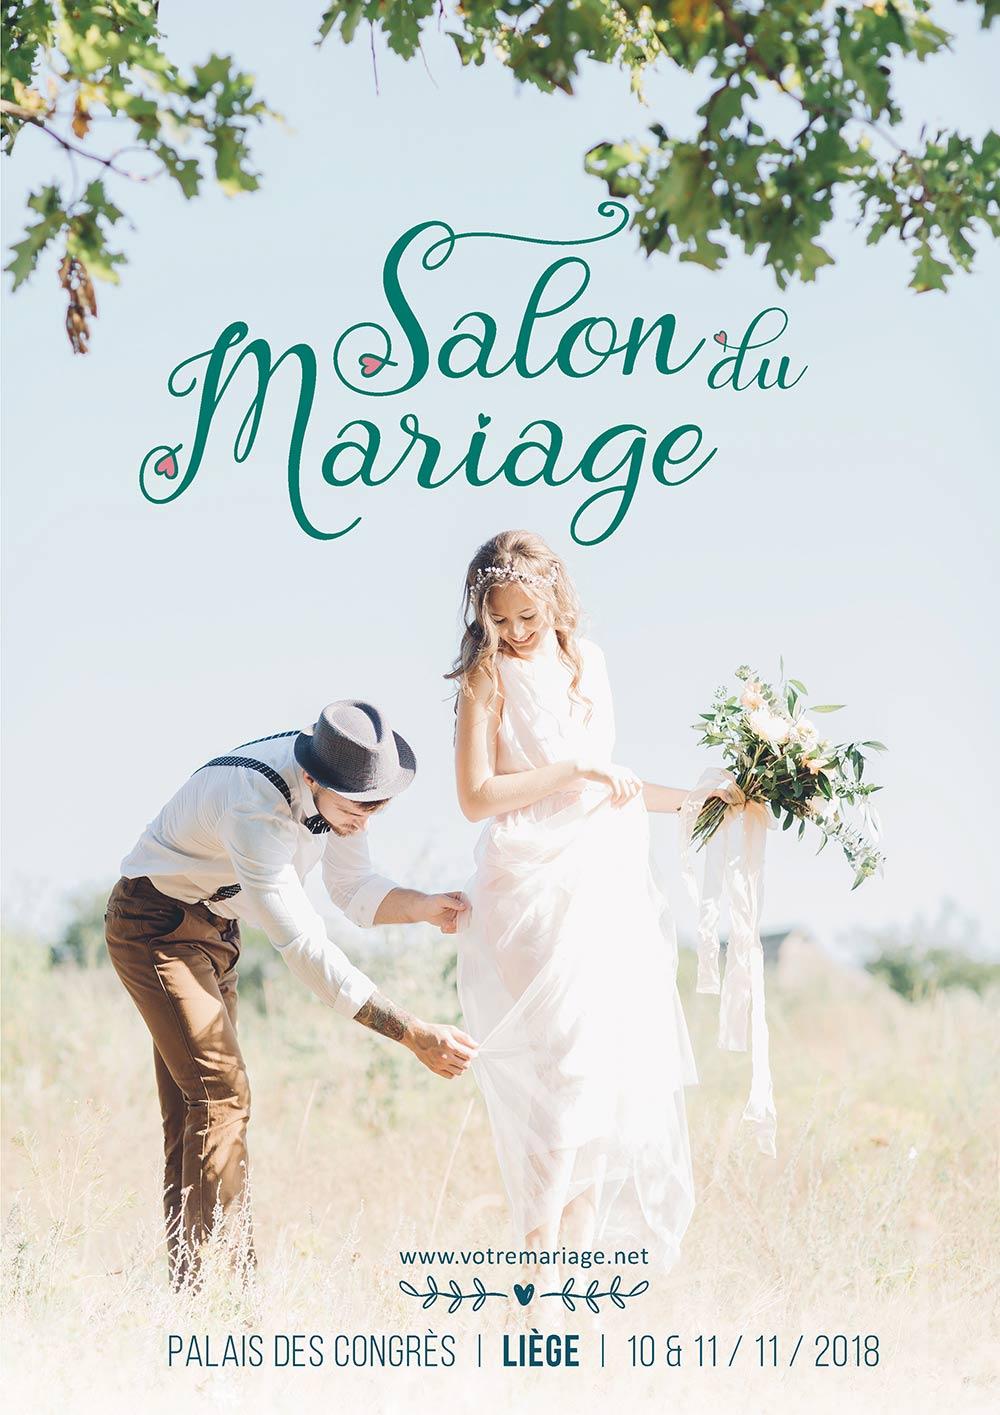 Salon du mariage liege palais des congres lige 10 11 novembre 2018 - Salon de l emploi palais des congres ...